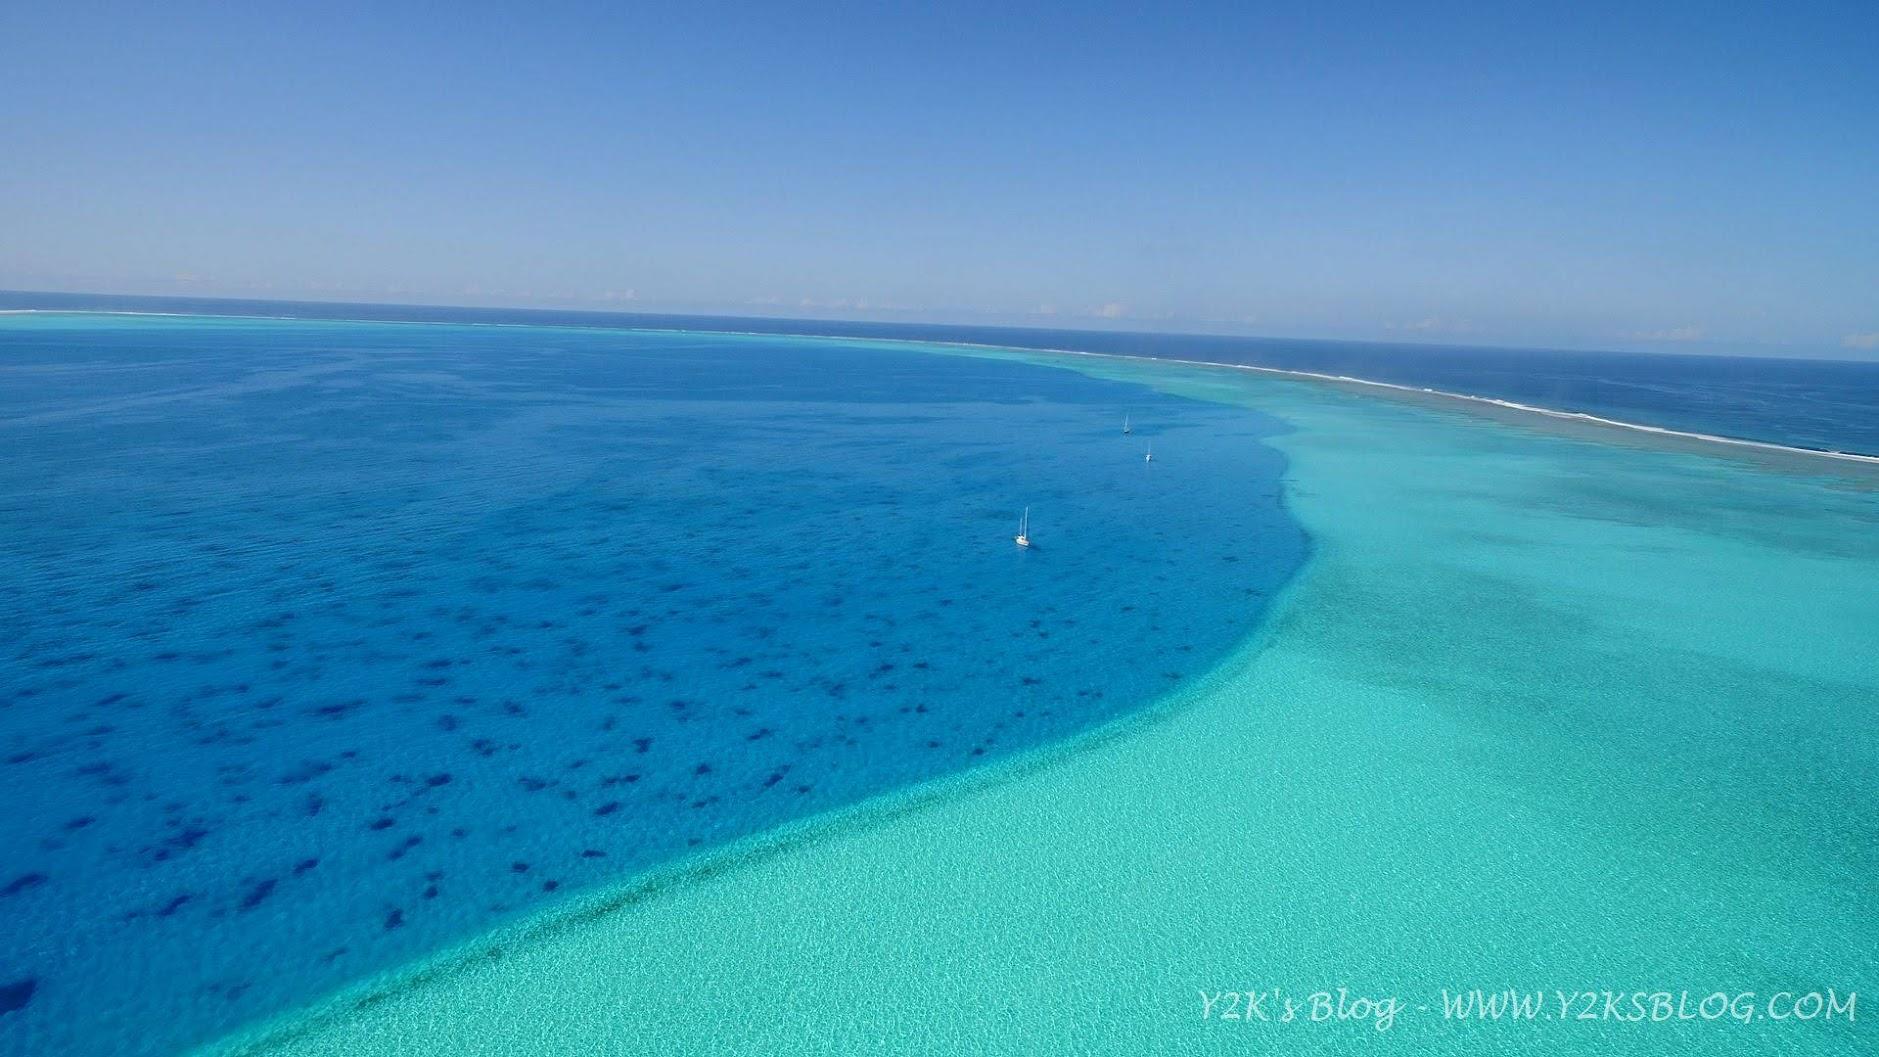 """Dal drone: le tre barche """"Freya"""", """"Y2K"""", """"Cinnabar"""" - Beveridge Reef"""